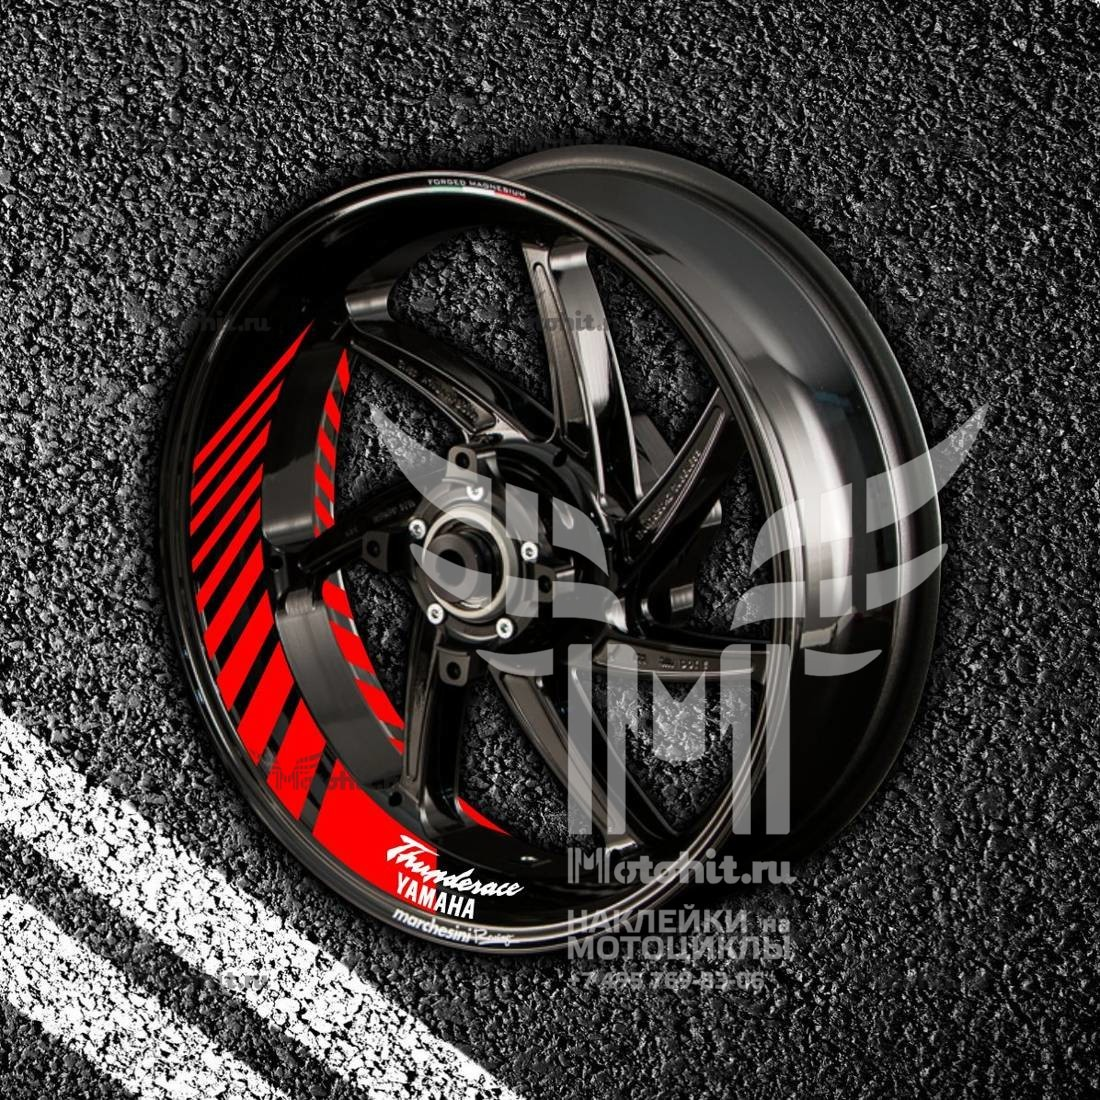 Комплект наклеек с полосами на колеса мотоцикла YAMAHA THUNDERACE